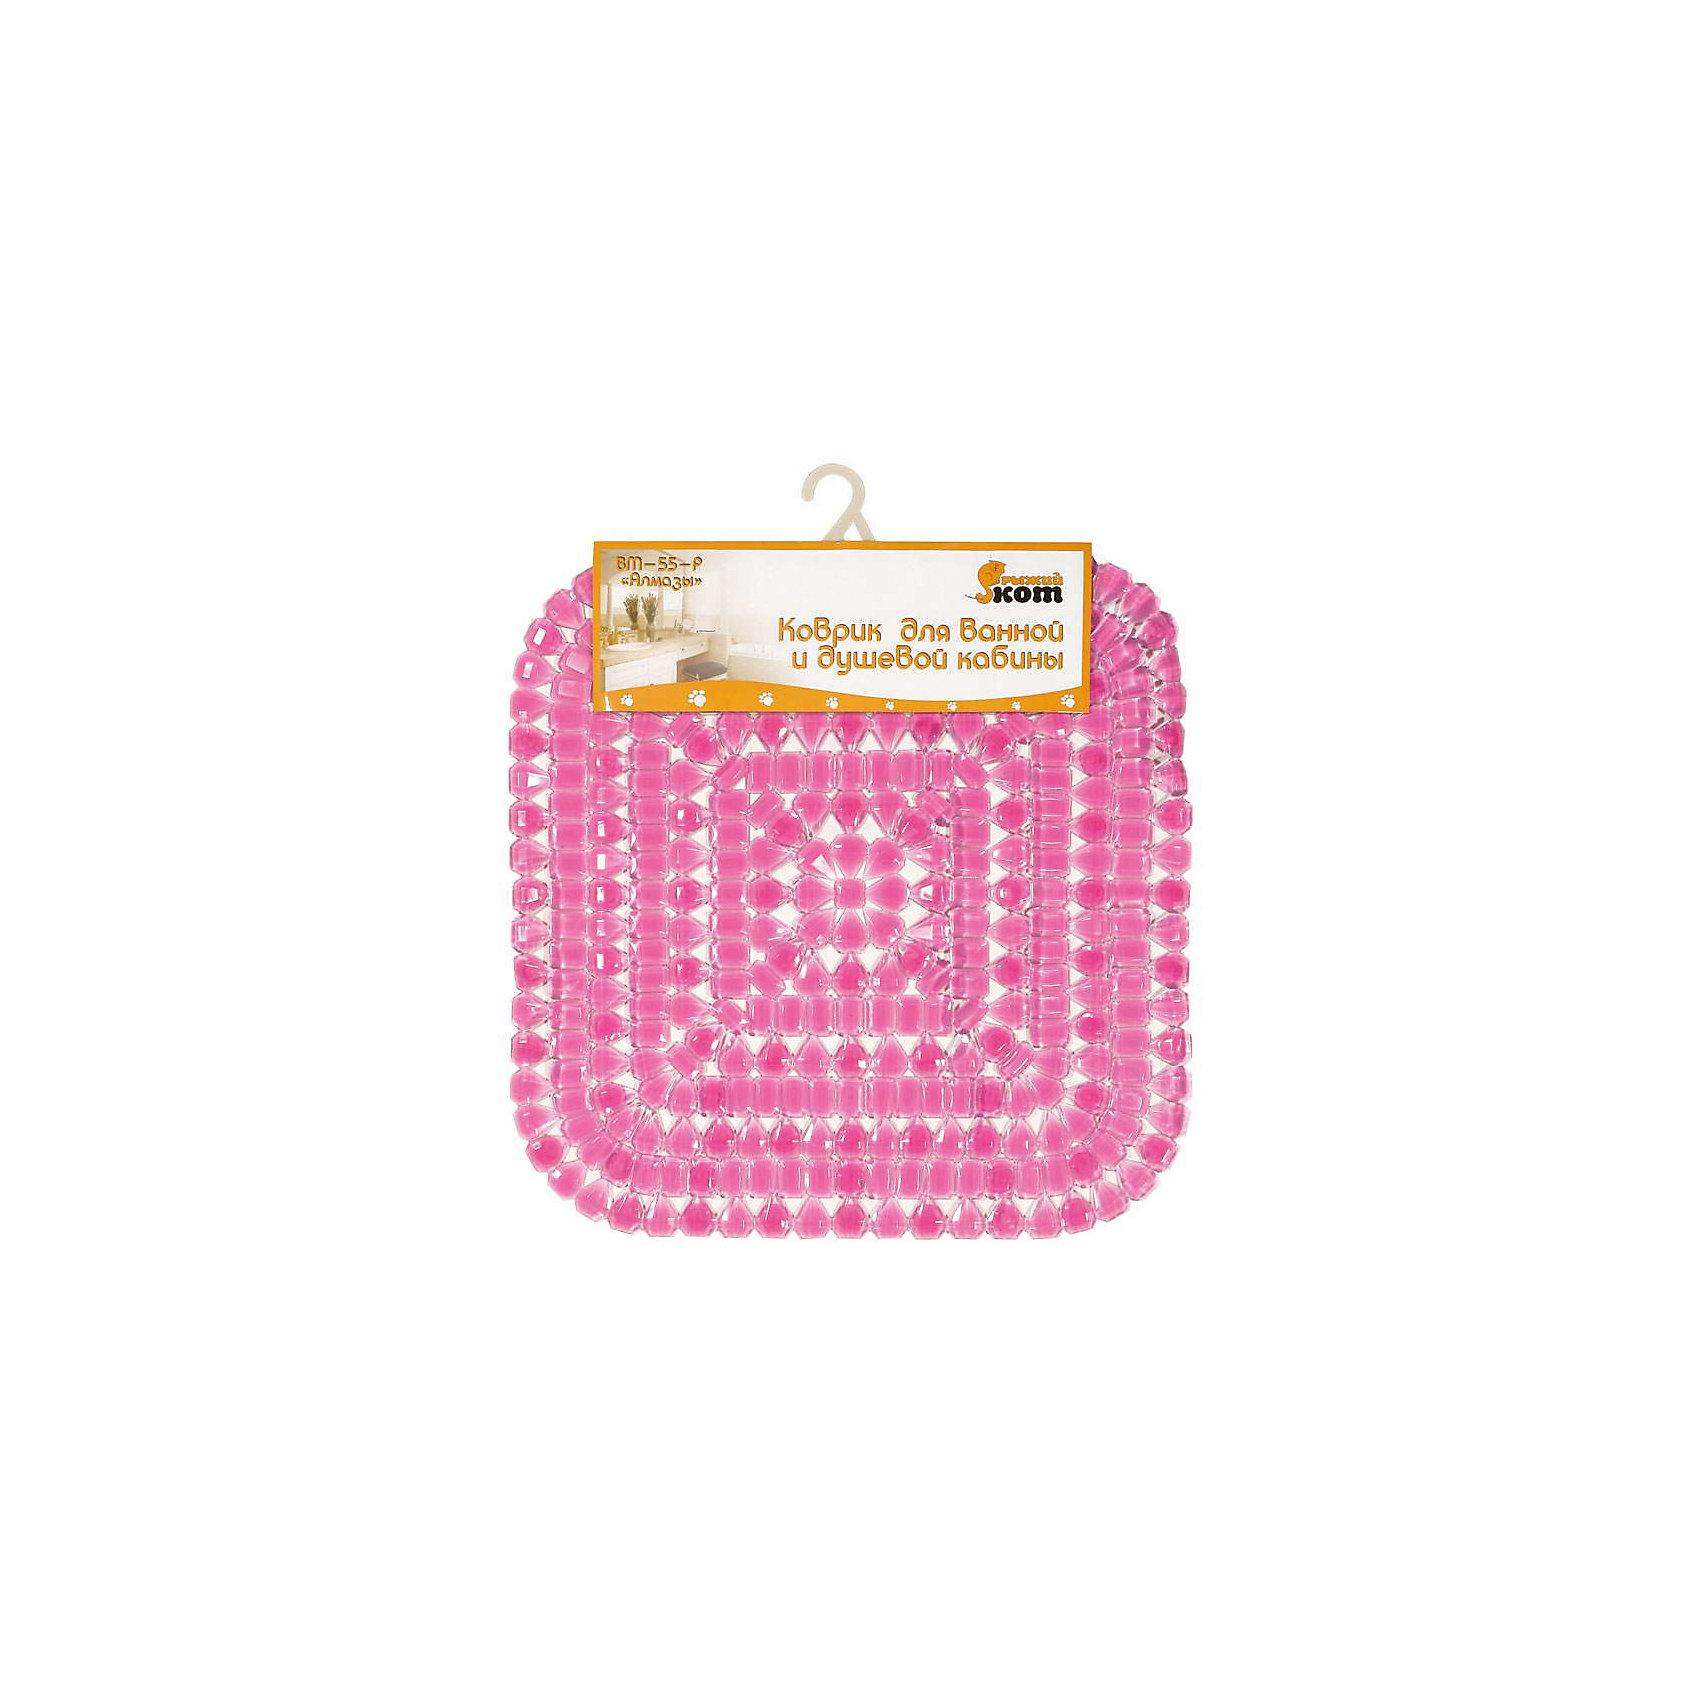 Коврик для ванной BM-55-P «Алмазы» квадратный, 50*50 см, Рыжий Кот, розовыйМягкий коврик для купания стелется на дно душевой кабины или ванны, присоски крепко прилипают ко дну. Ребристая поверхность коврика не позволяет ноге скользить по мокрой поверхности ванны. <br><br>Дополнительная информация:<br><br>Размер коврика: 50х50 см<br>Тип крепления: на присосках<br>Материал: ПВХ 100%<br><br>Коврик для ванной BM-55-P «Алмазы» квадратный, 50*50 см, Рыжий Кот, розовый можно купить в нашем интернет-магазине.<br><br>Ширина мм: 495<br>Глубина мм: 494<br>Высота мм: 8<br>Вес г: 705<br>Возраст от месяцев: 6<br>Возраст до месяцев: 1080<br>Пол: Унисекс<br>Возраст: Детский<br>SKU: 4989799